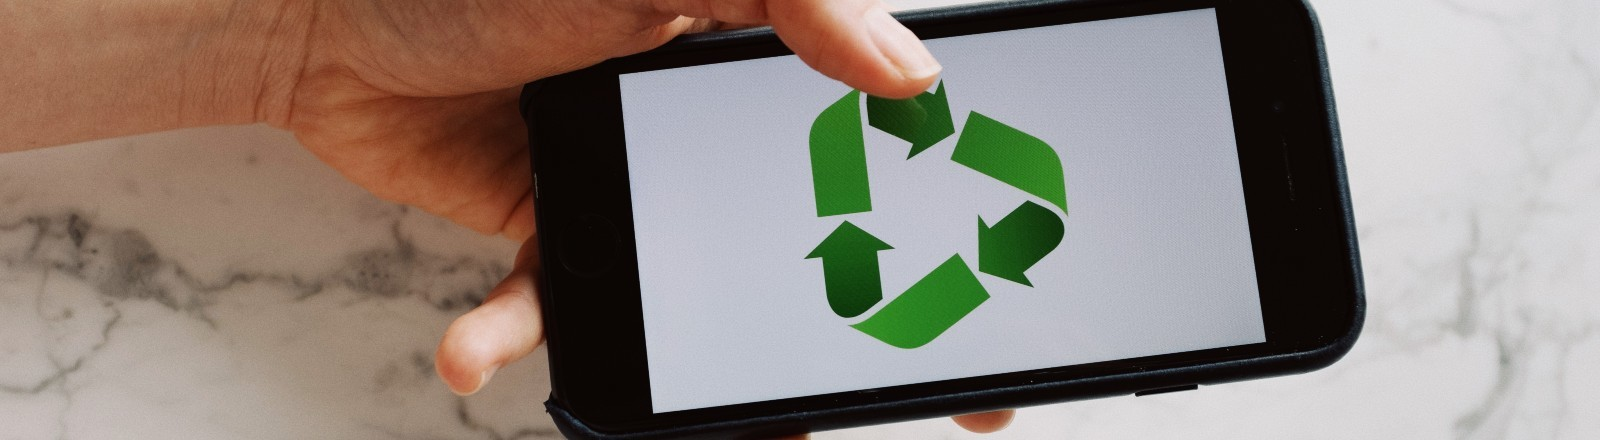 Jemand hält ein Smartphone in der Hand, auf dem ein Wiederverwertungs-Symbol gezeigt wird.